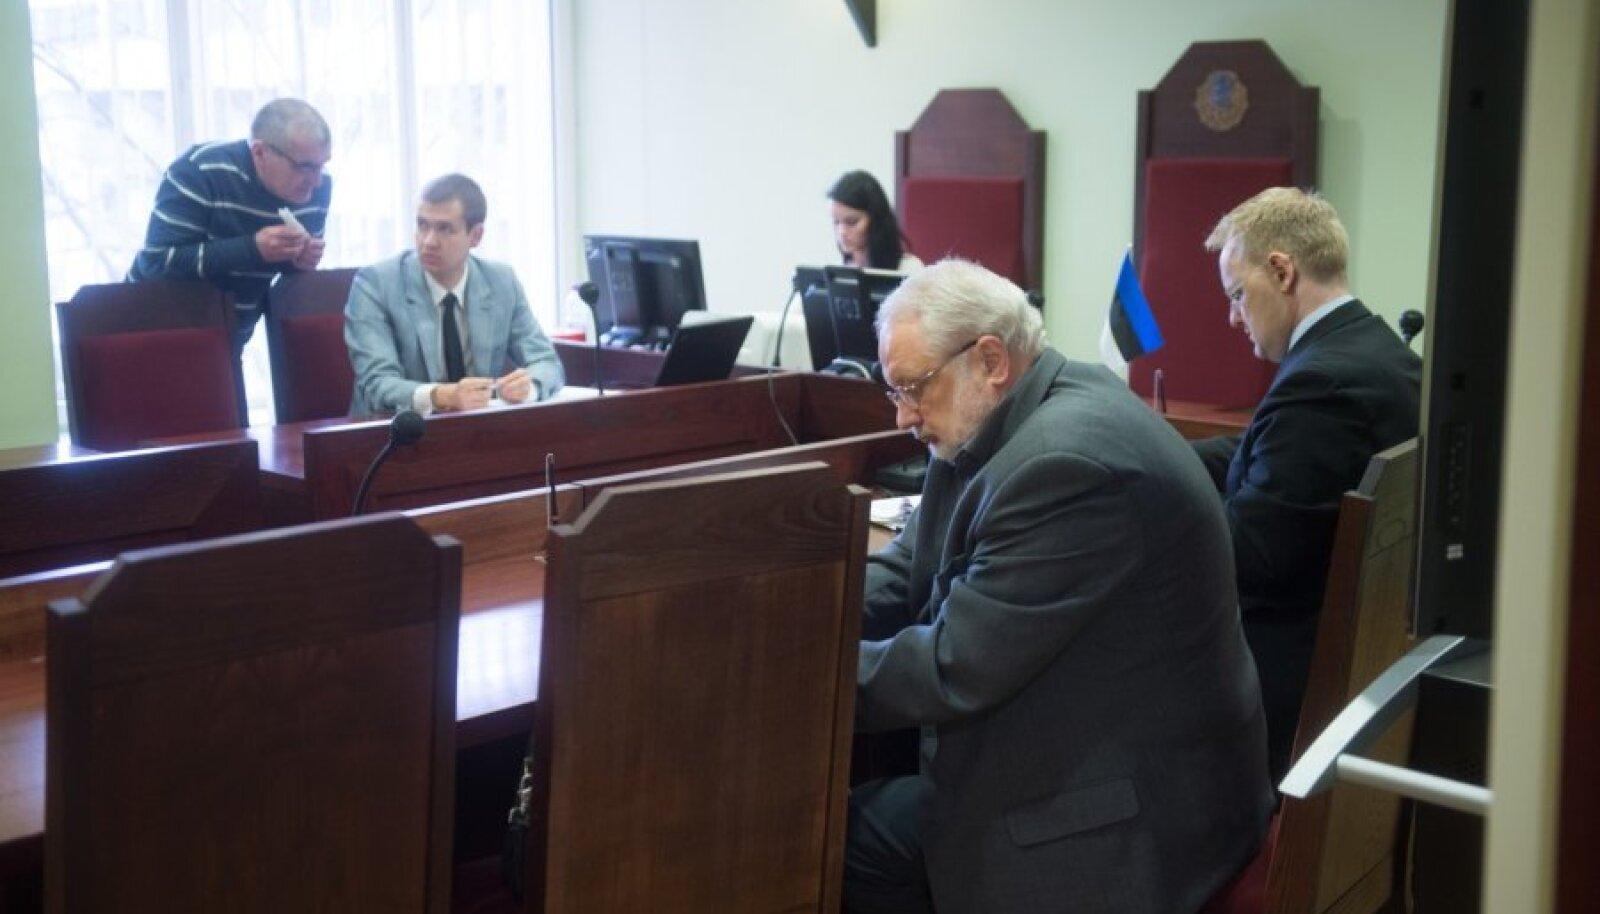 Ajakirjanik Oleg Samorodni vs Inimõiguste teabekeskuse juhataja Aleksei Semjonov